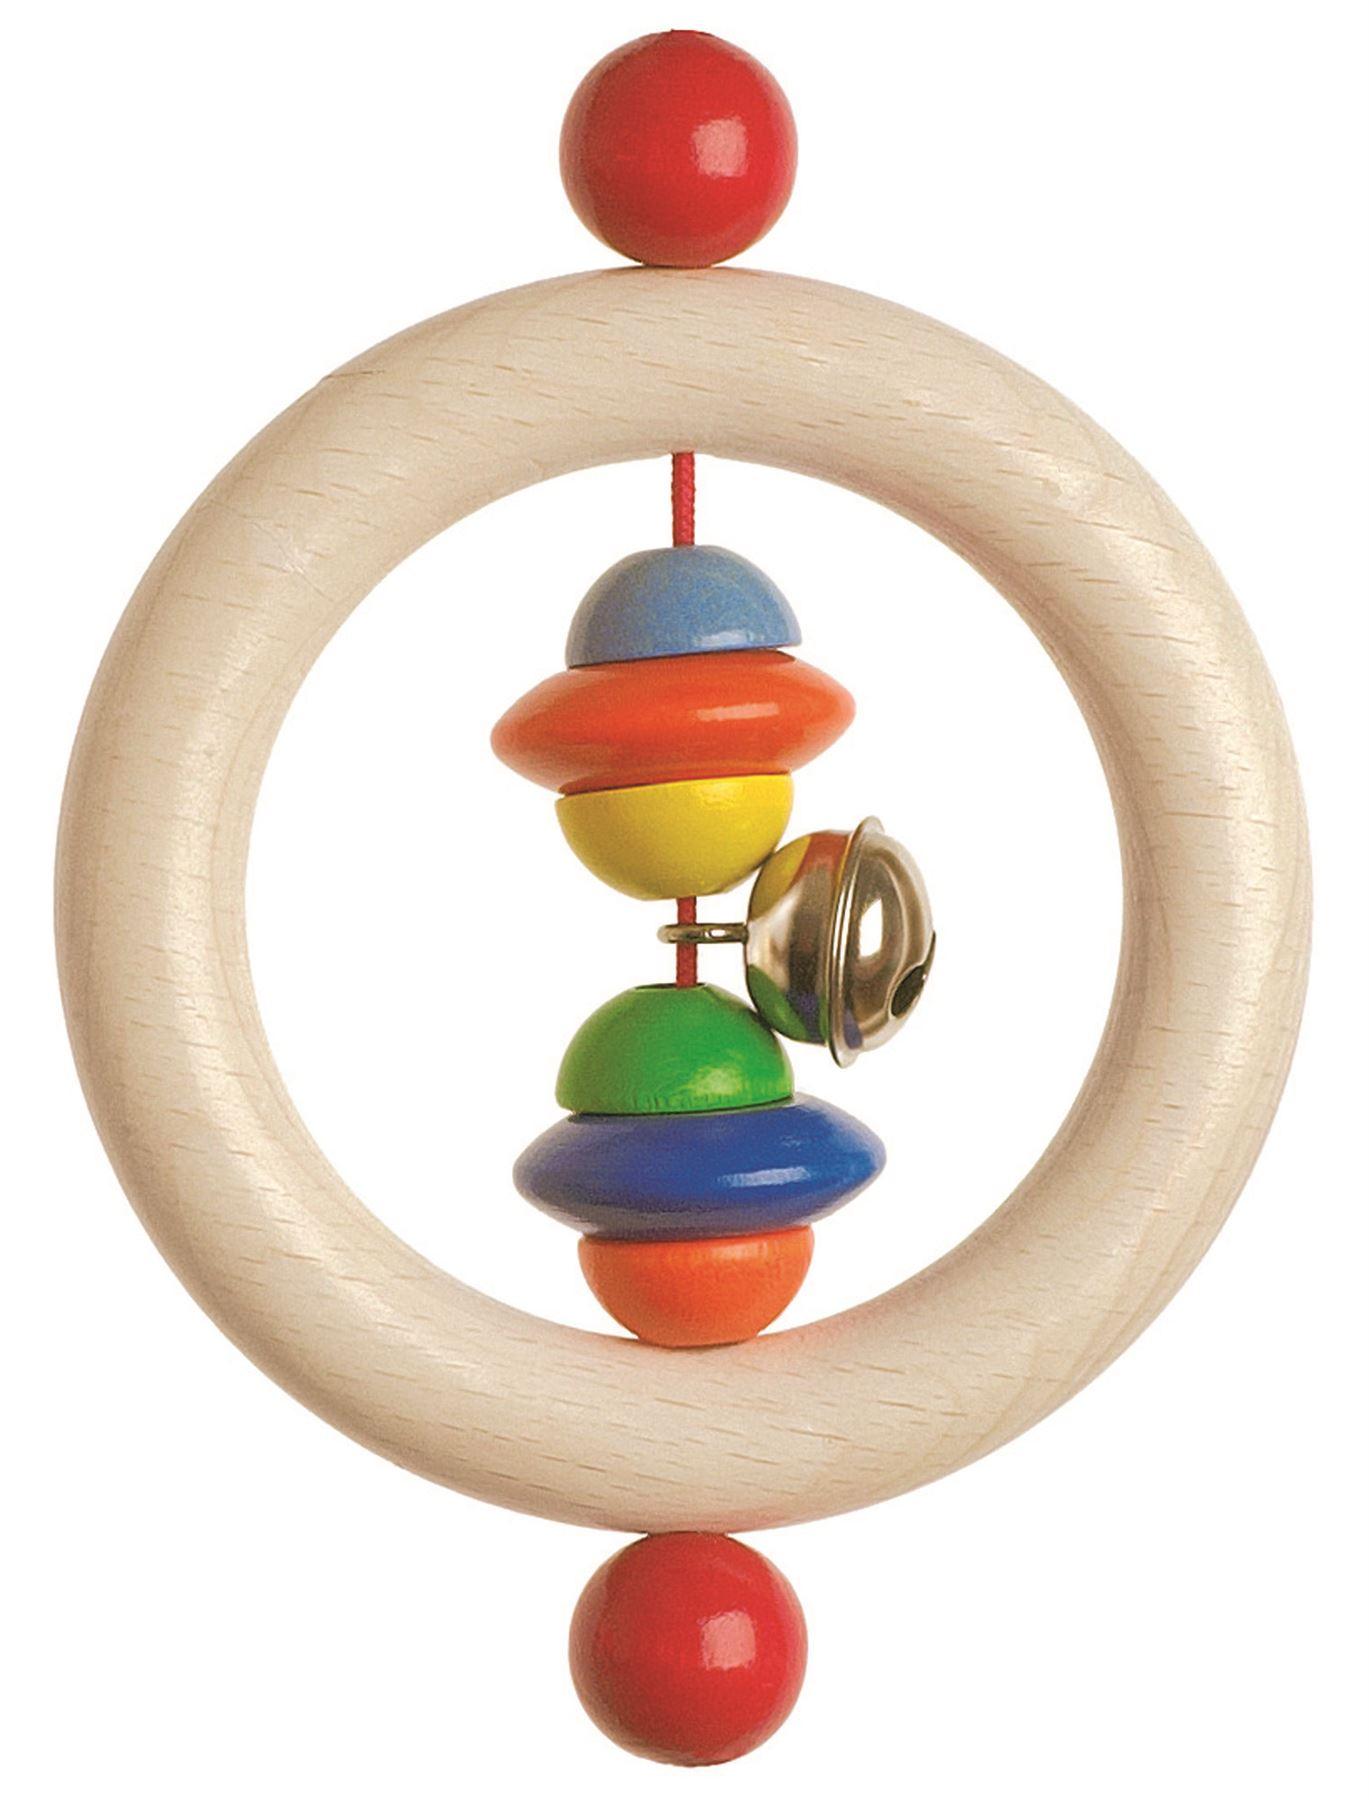 Enfants bébé éducatif jouet en bois à coudre bouton de fil perlesIH